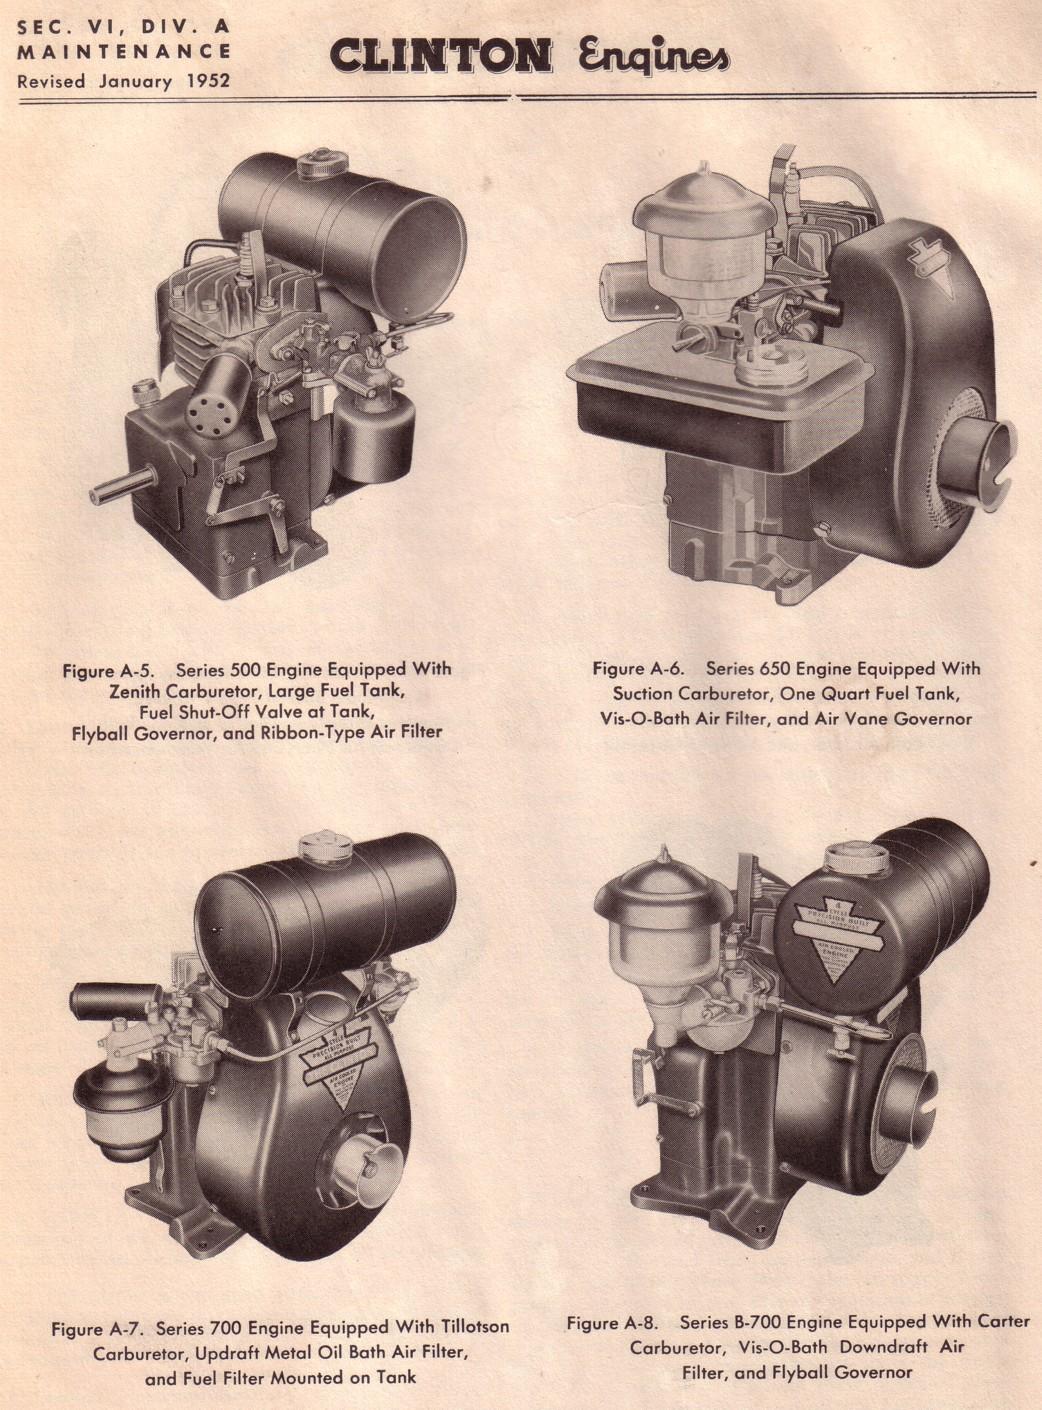 Engine Models For 1952 Carter Fuel Filters Vs 800